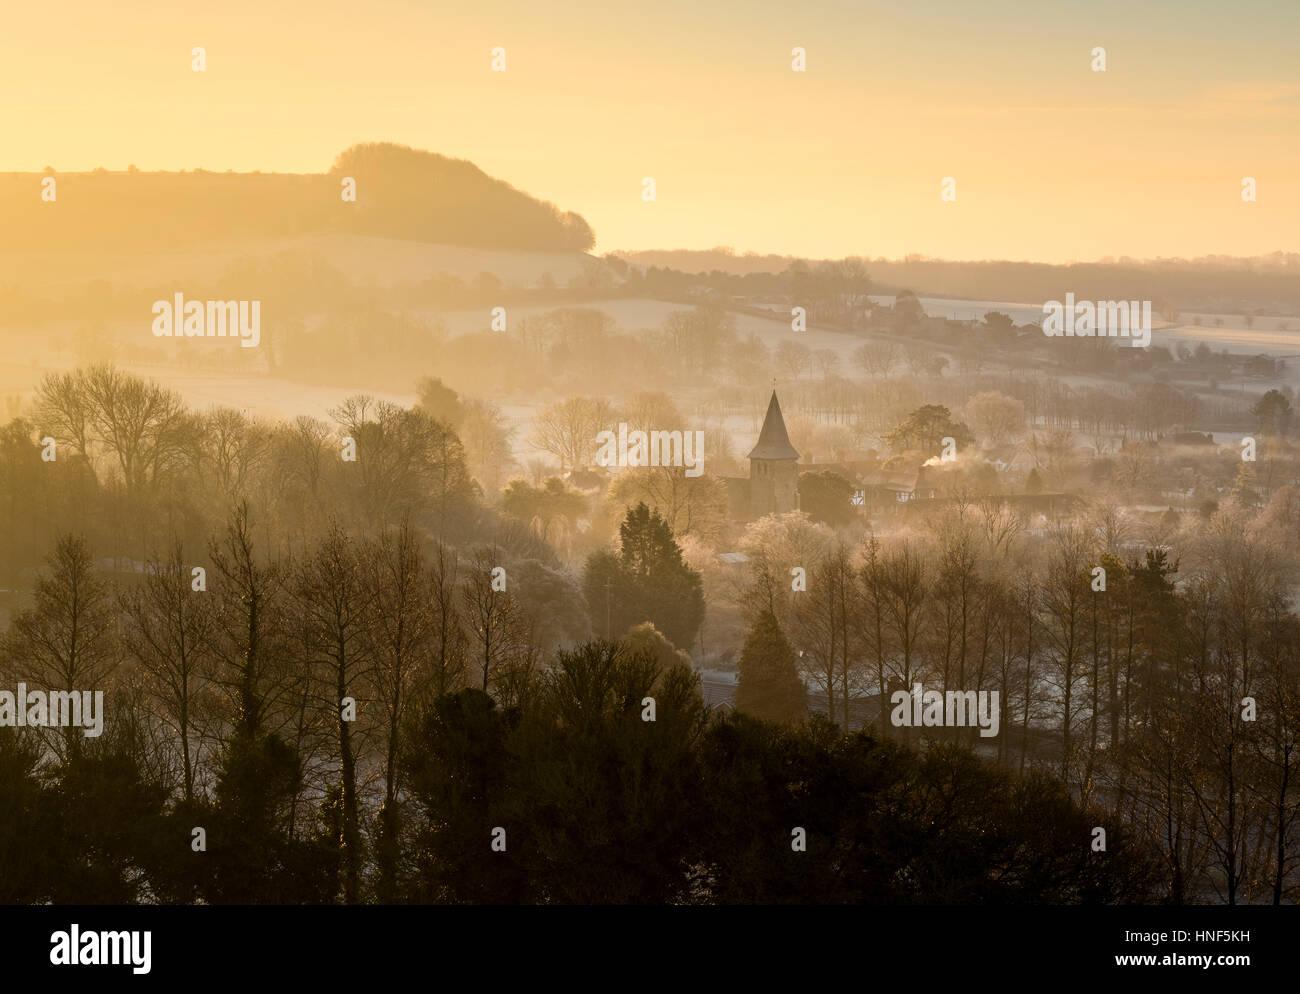 La aldea de Postling en Kent y North Downs en un amanecer de invierno. Foto de stock